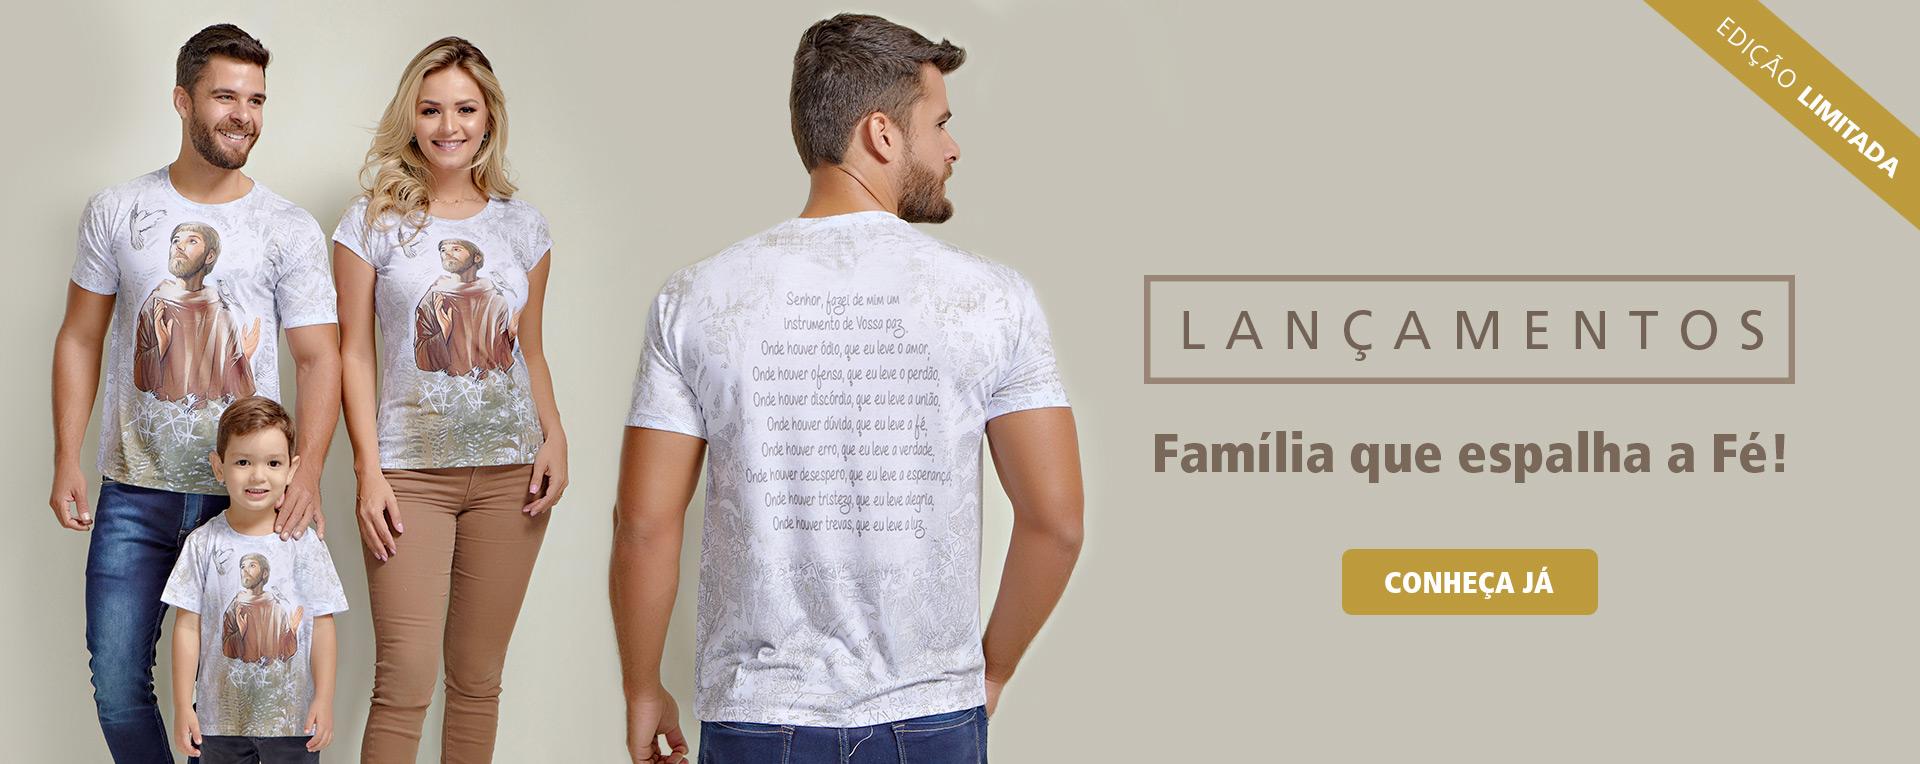 Lançamento Familia 01